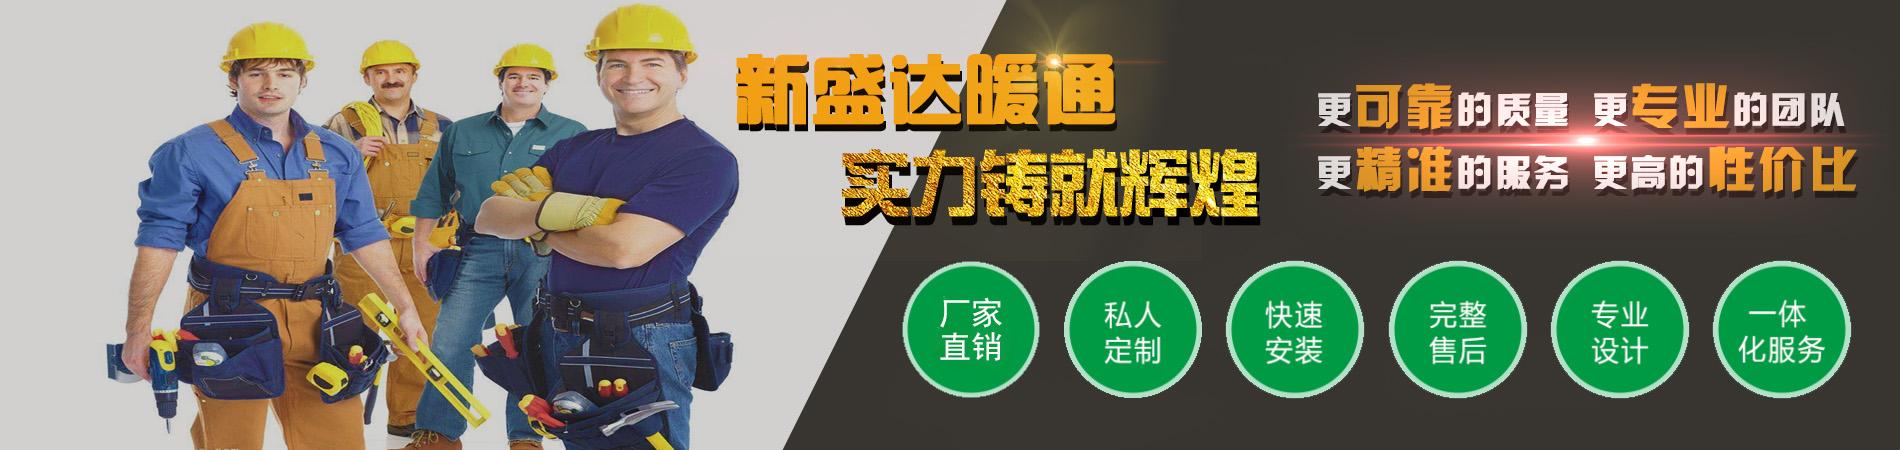 福彩3d试机号金码关注中央空调自信承诺